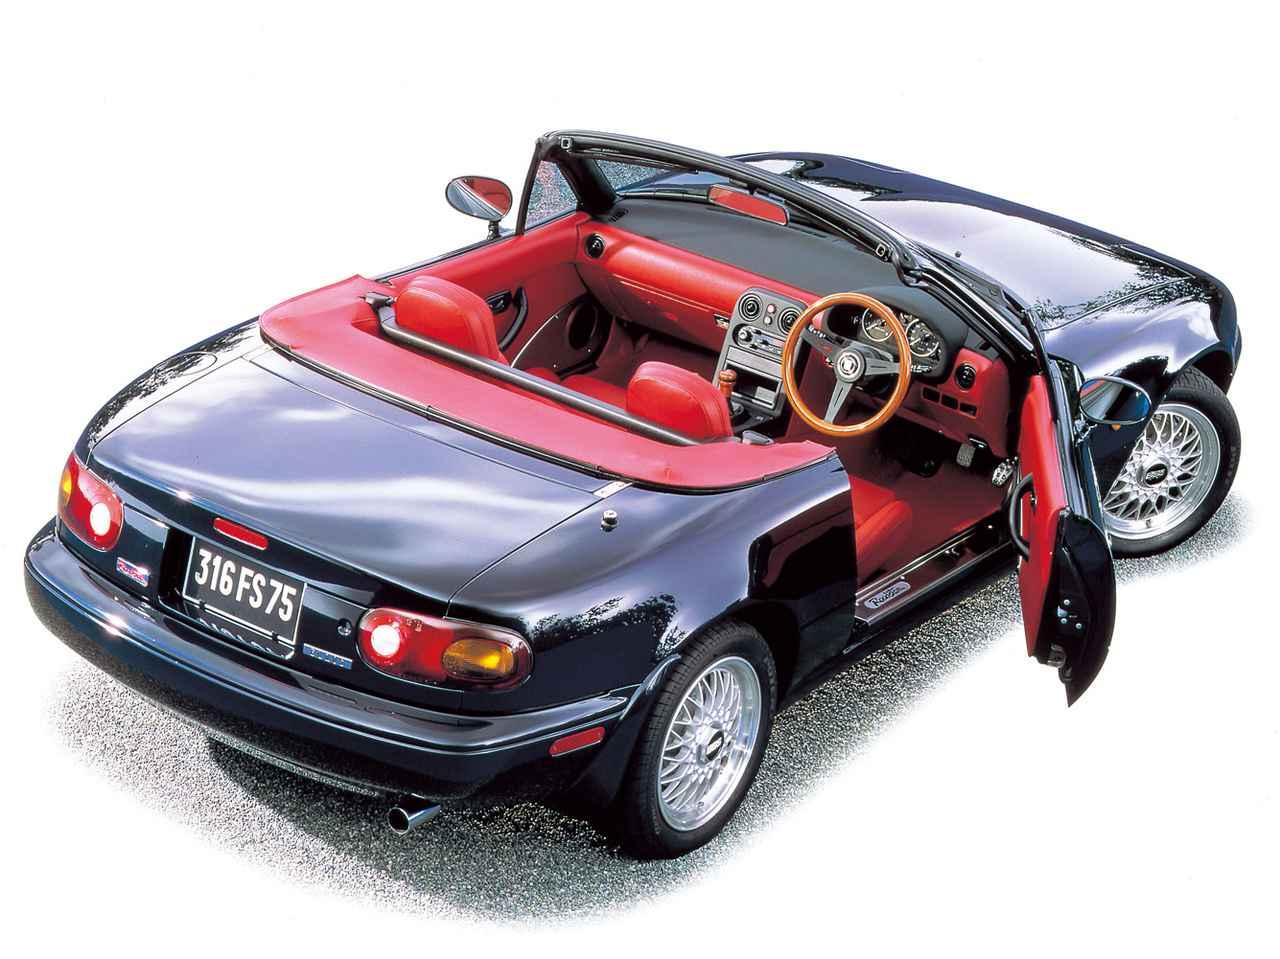 【特別なロードスターNA編08】まっ赤なインテリアが大好評だった限定車が「Rリミテッド」として再登場